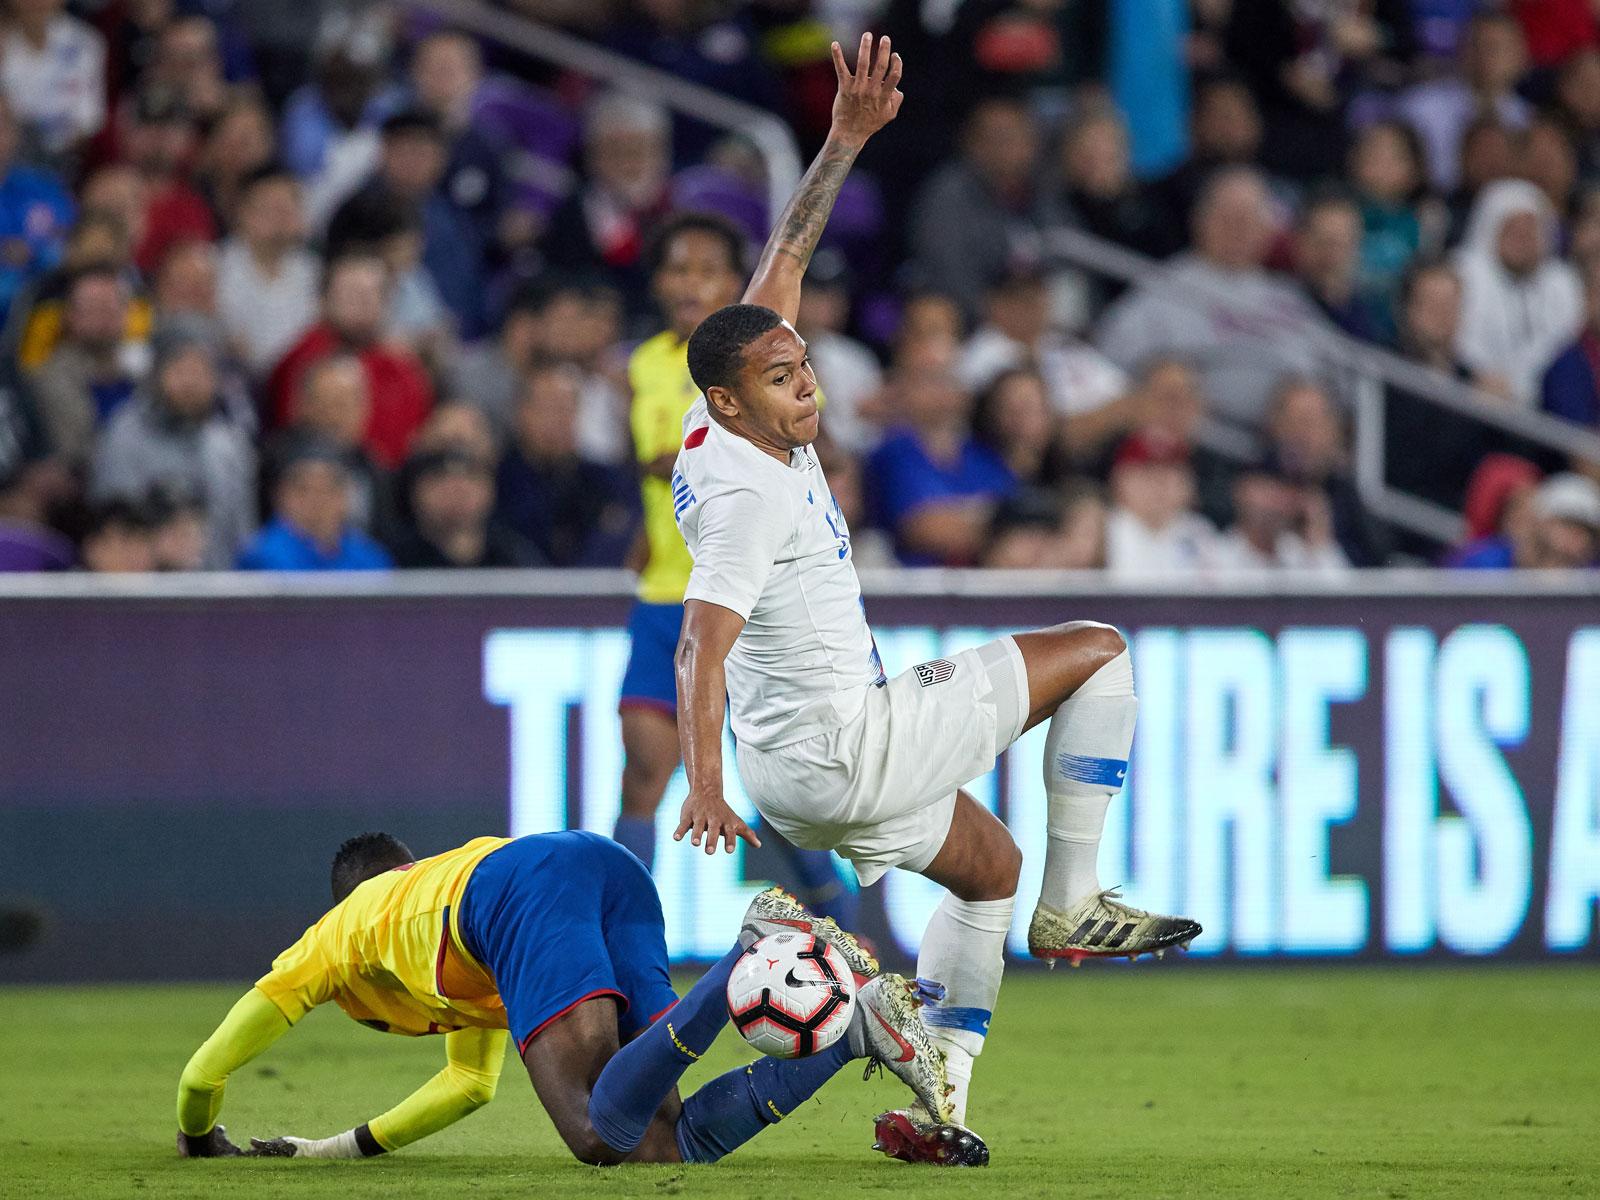 Weston McKennie was injured in the USA's win over Ecuador